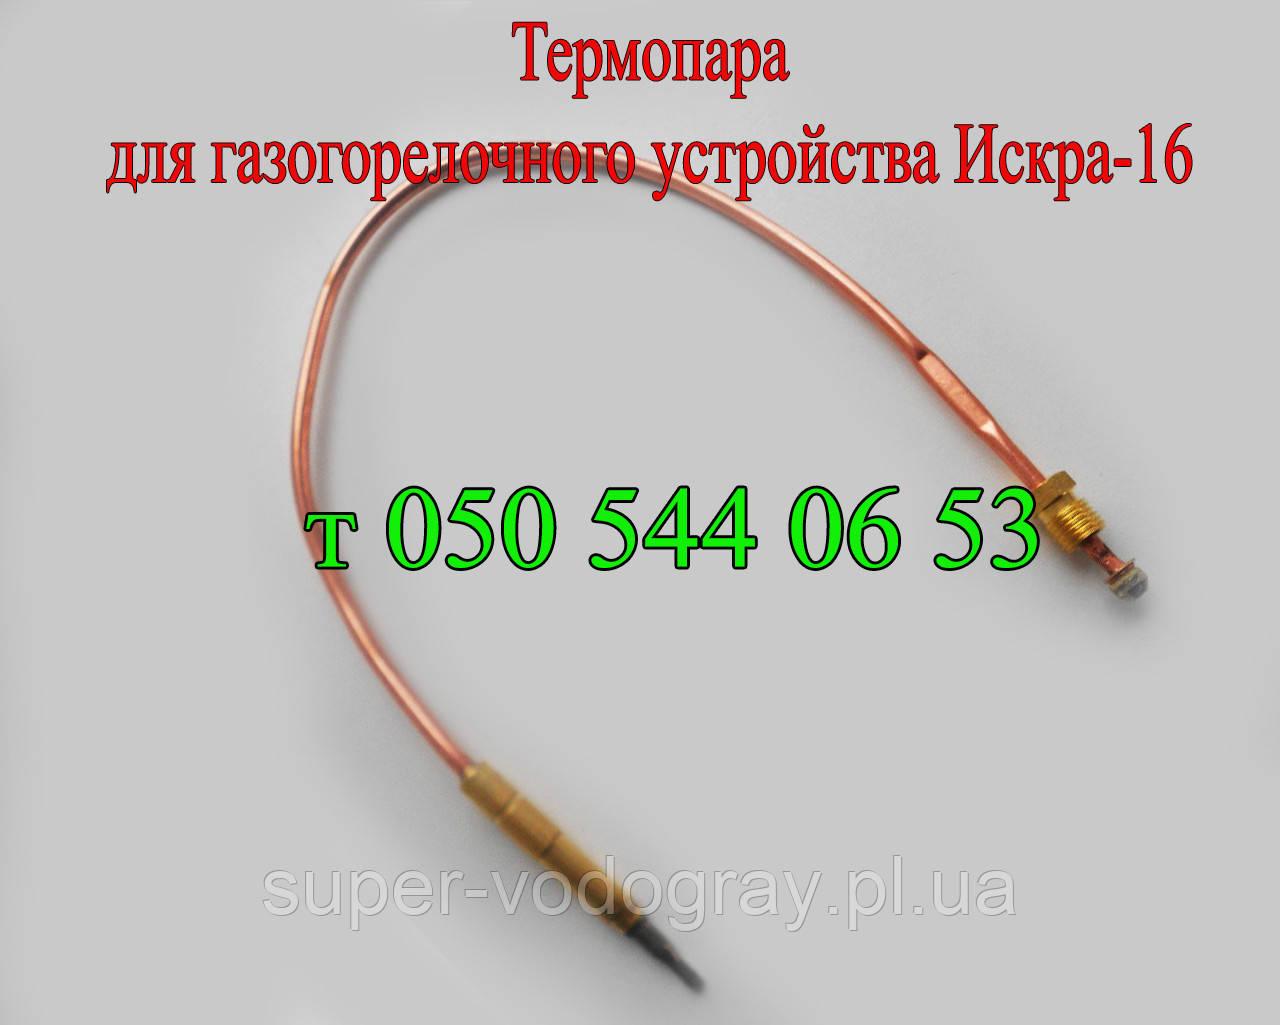 Термопара для ГГУ Искра-16